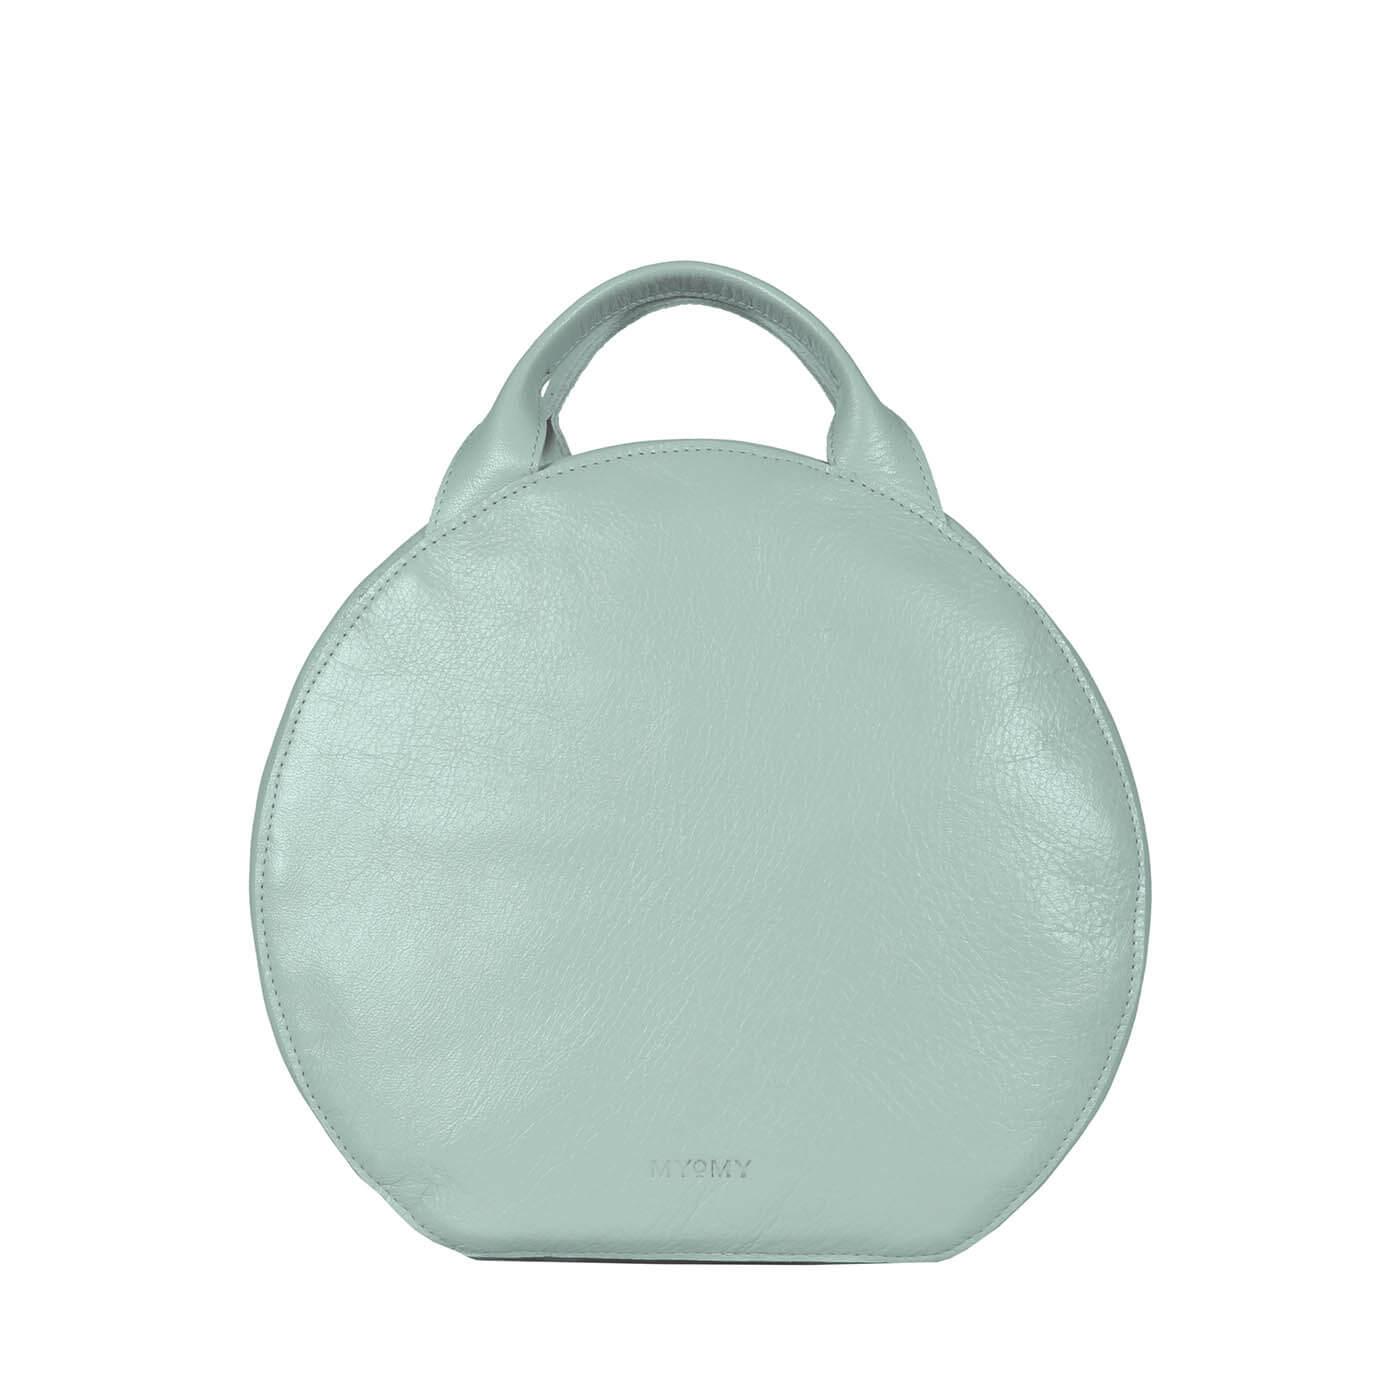 MY BOXY BAG Cookie backbag - seville mint